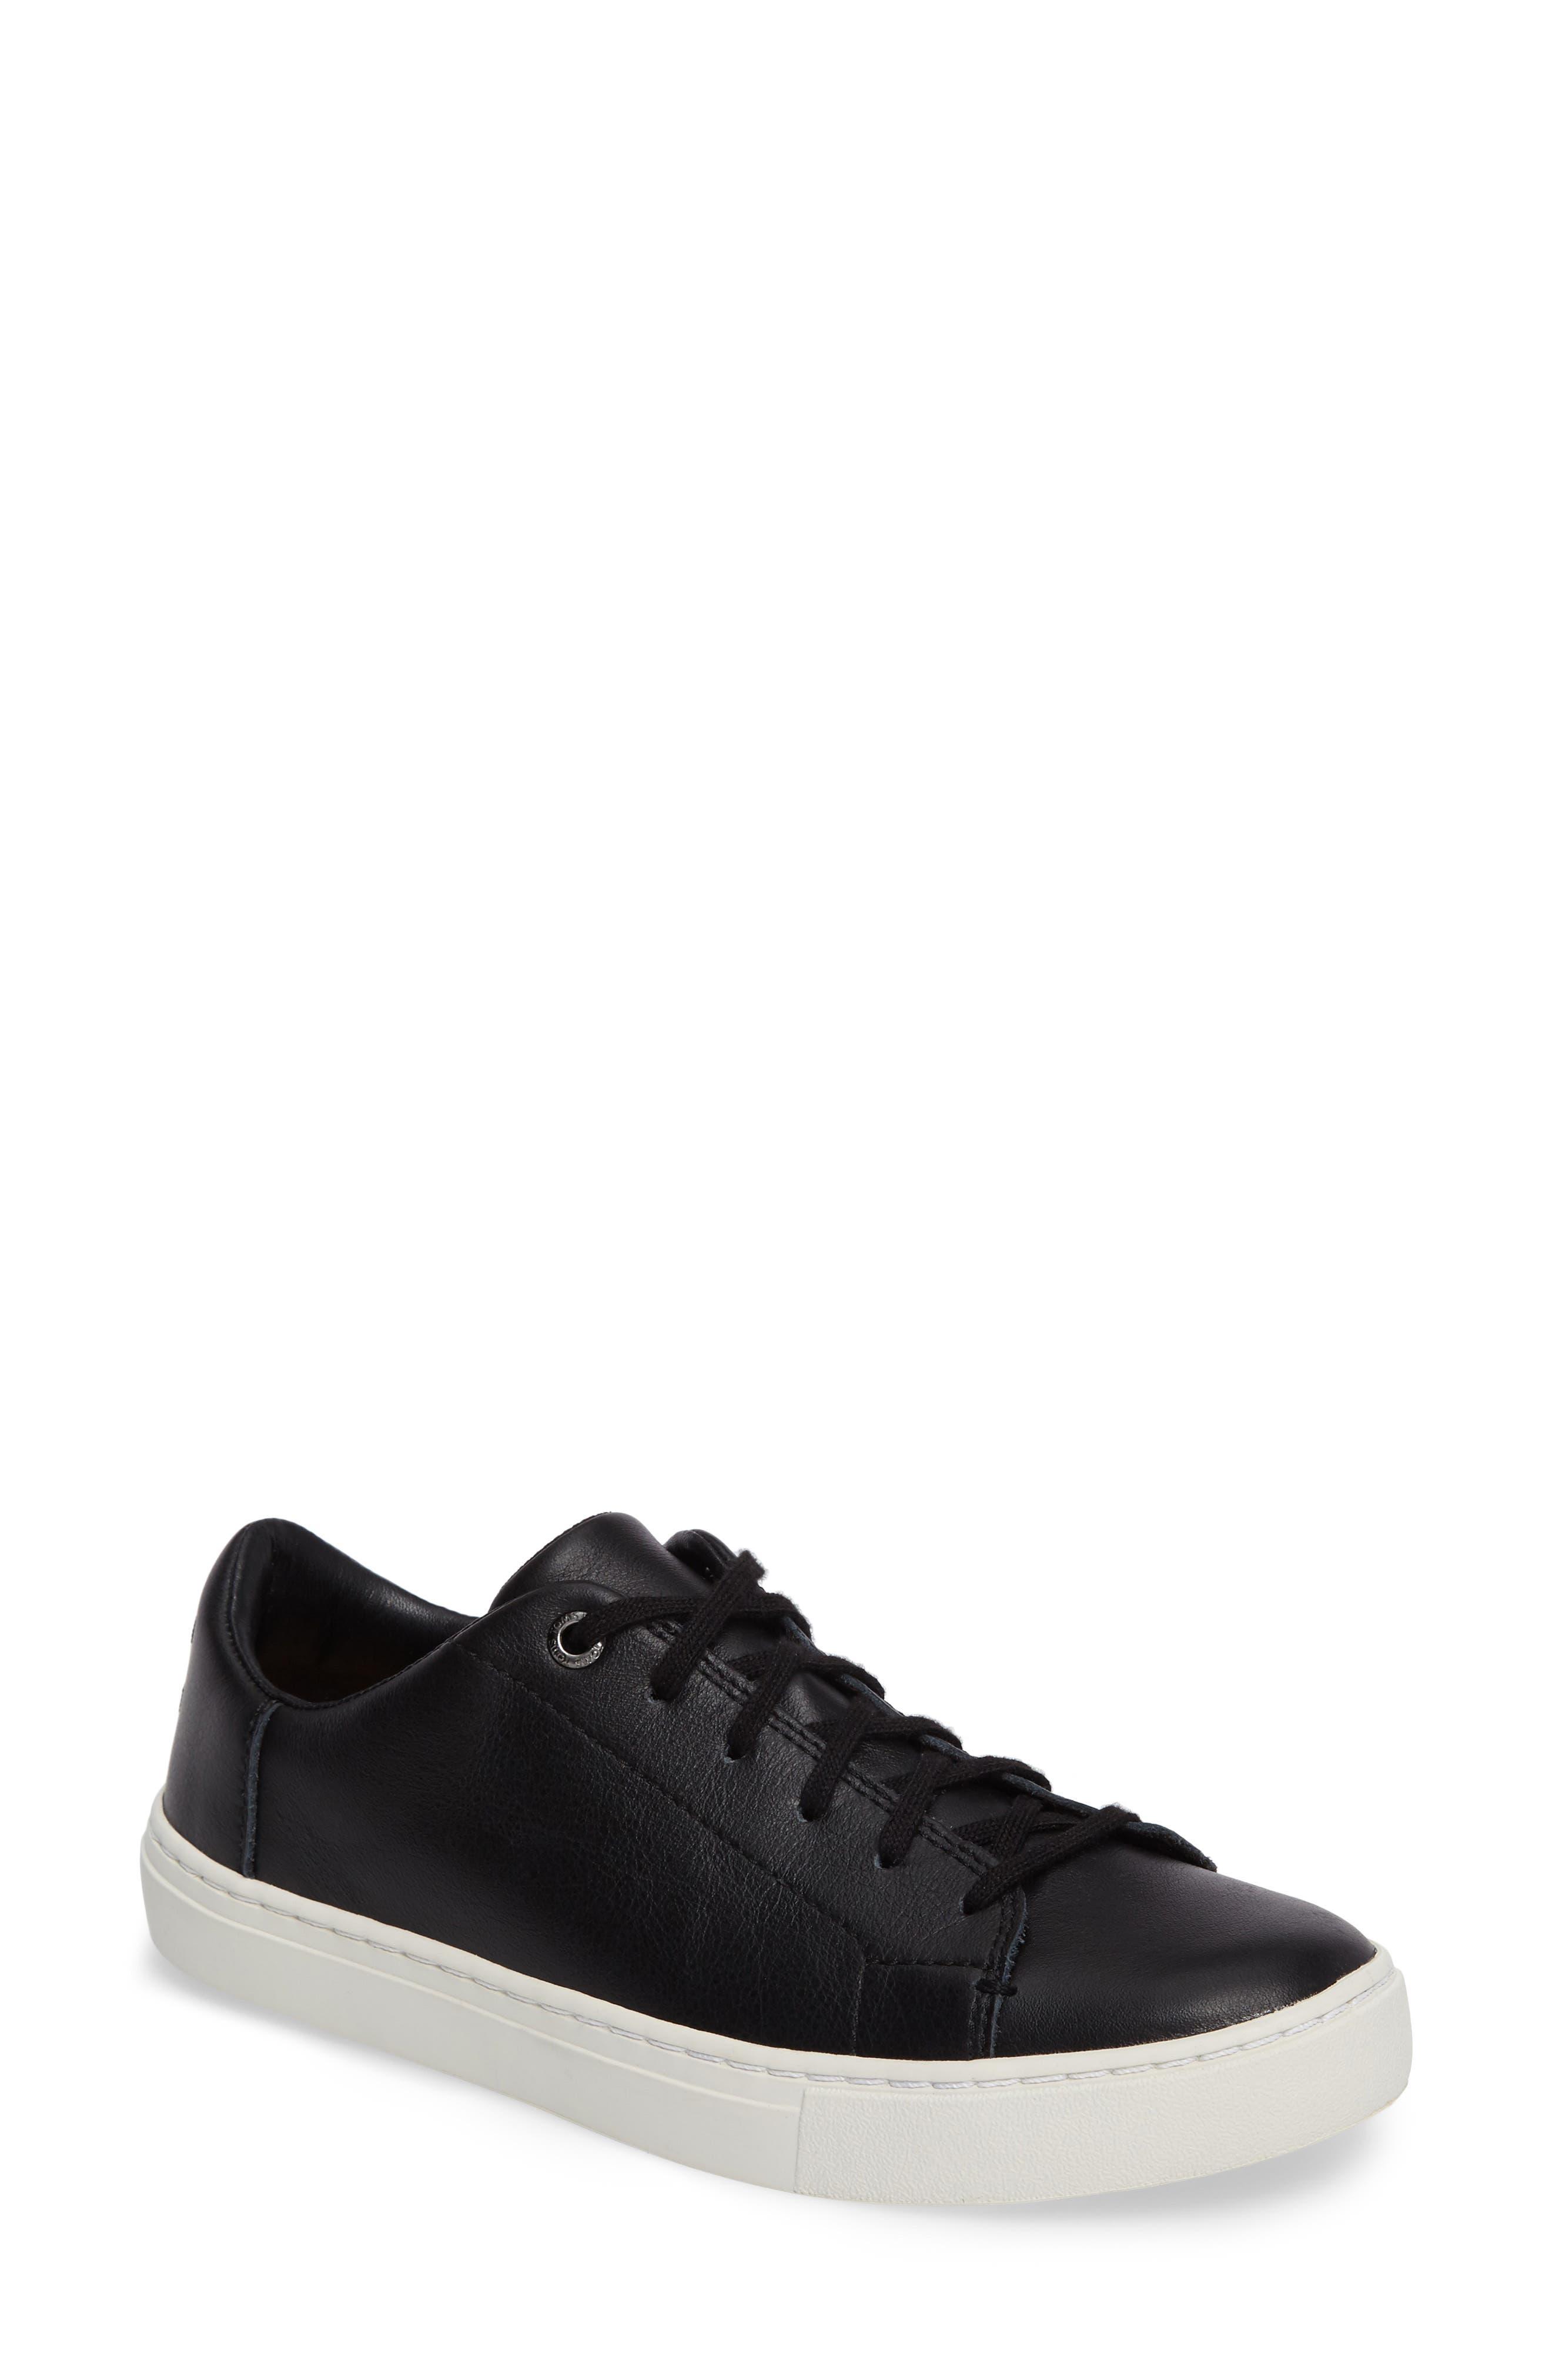 Lenox Sneaker,                         Main,                         color, 001